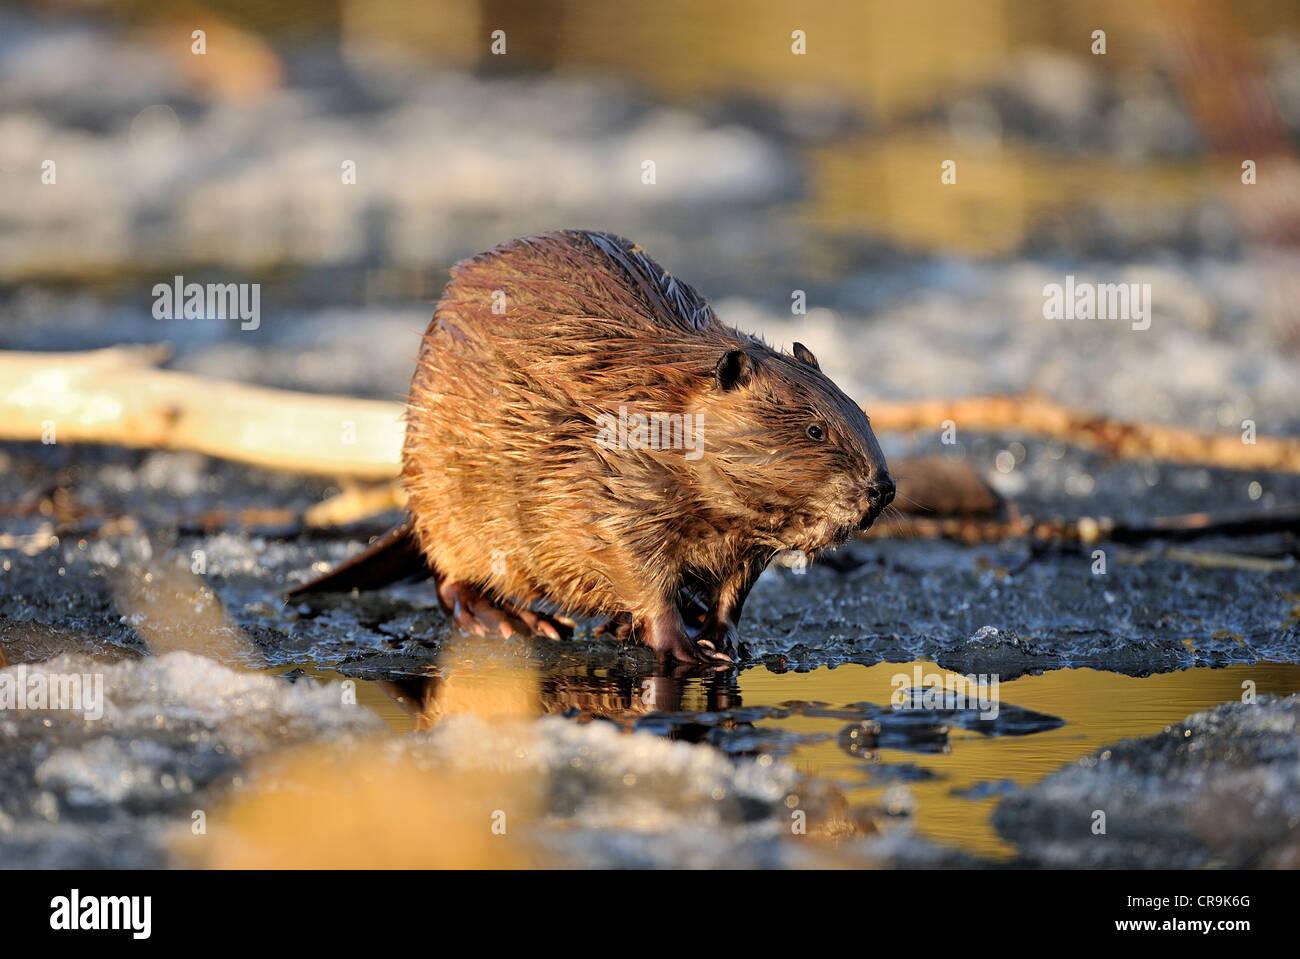 Un beaver caminando sobre el hielo derritiéndose rápidamente en su beaver pond al atardecer. Imagen De Stock